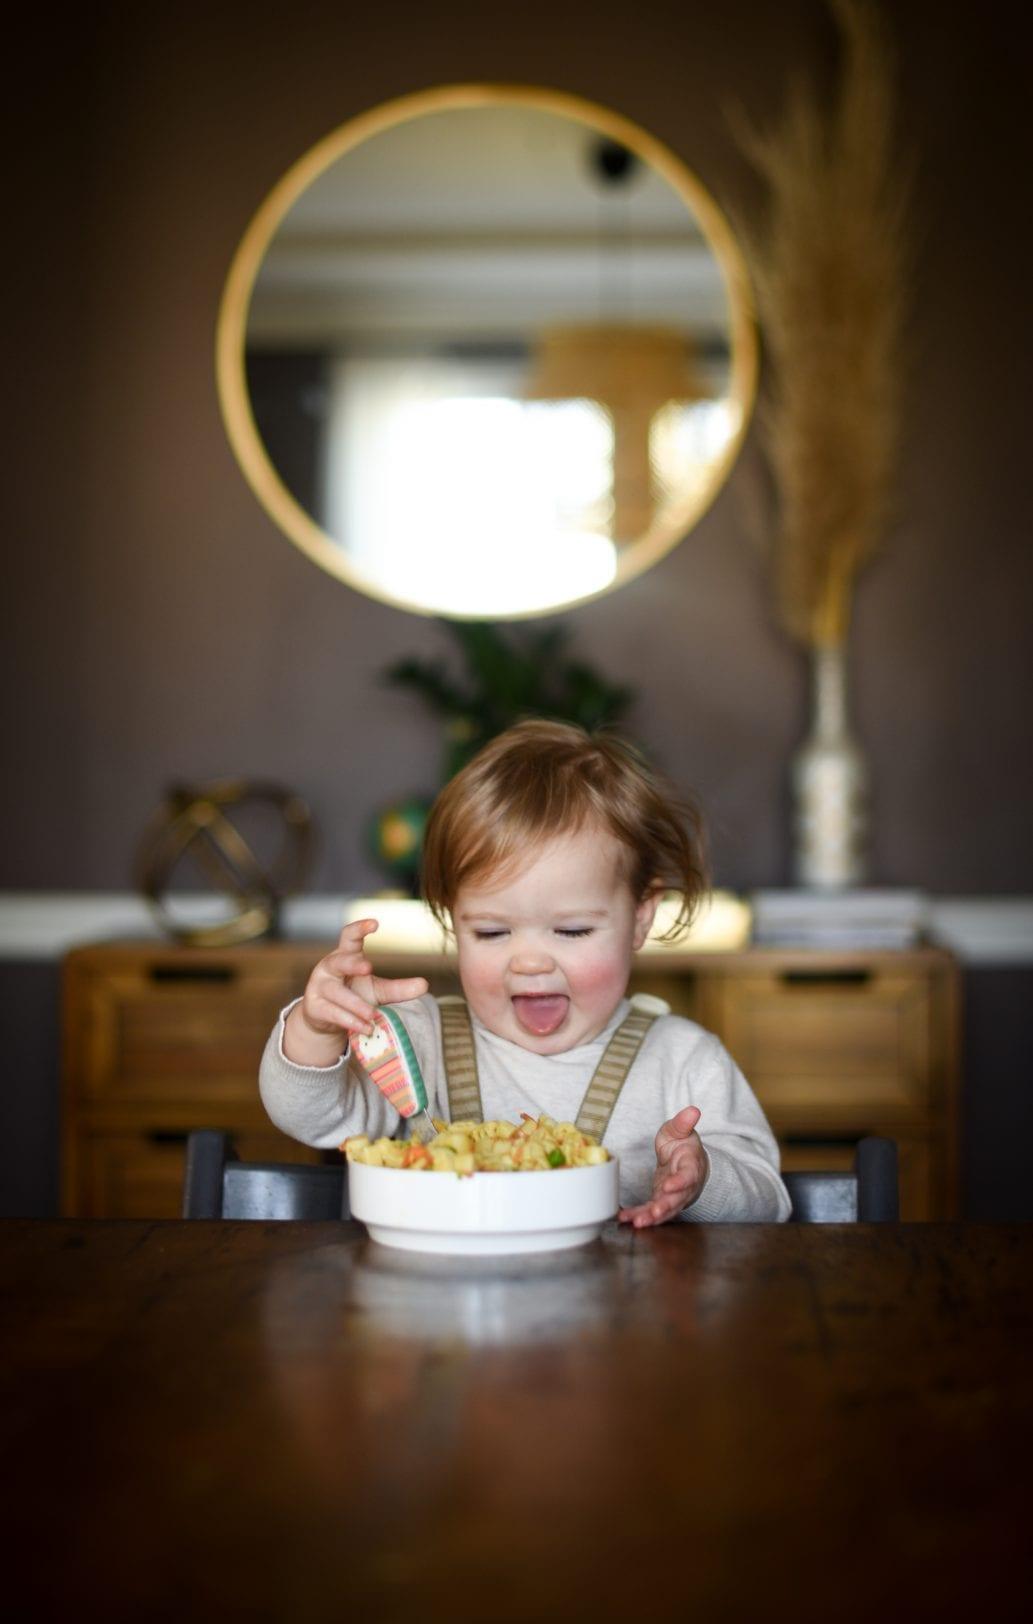 toddler eater pasta